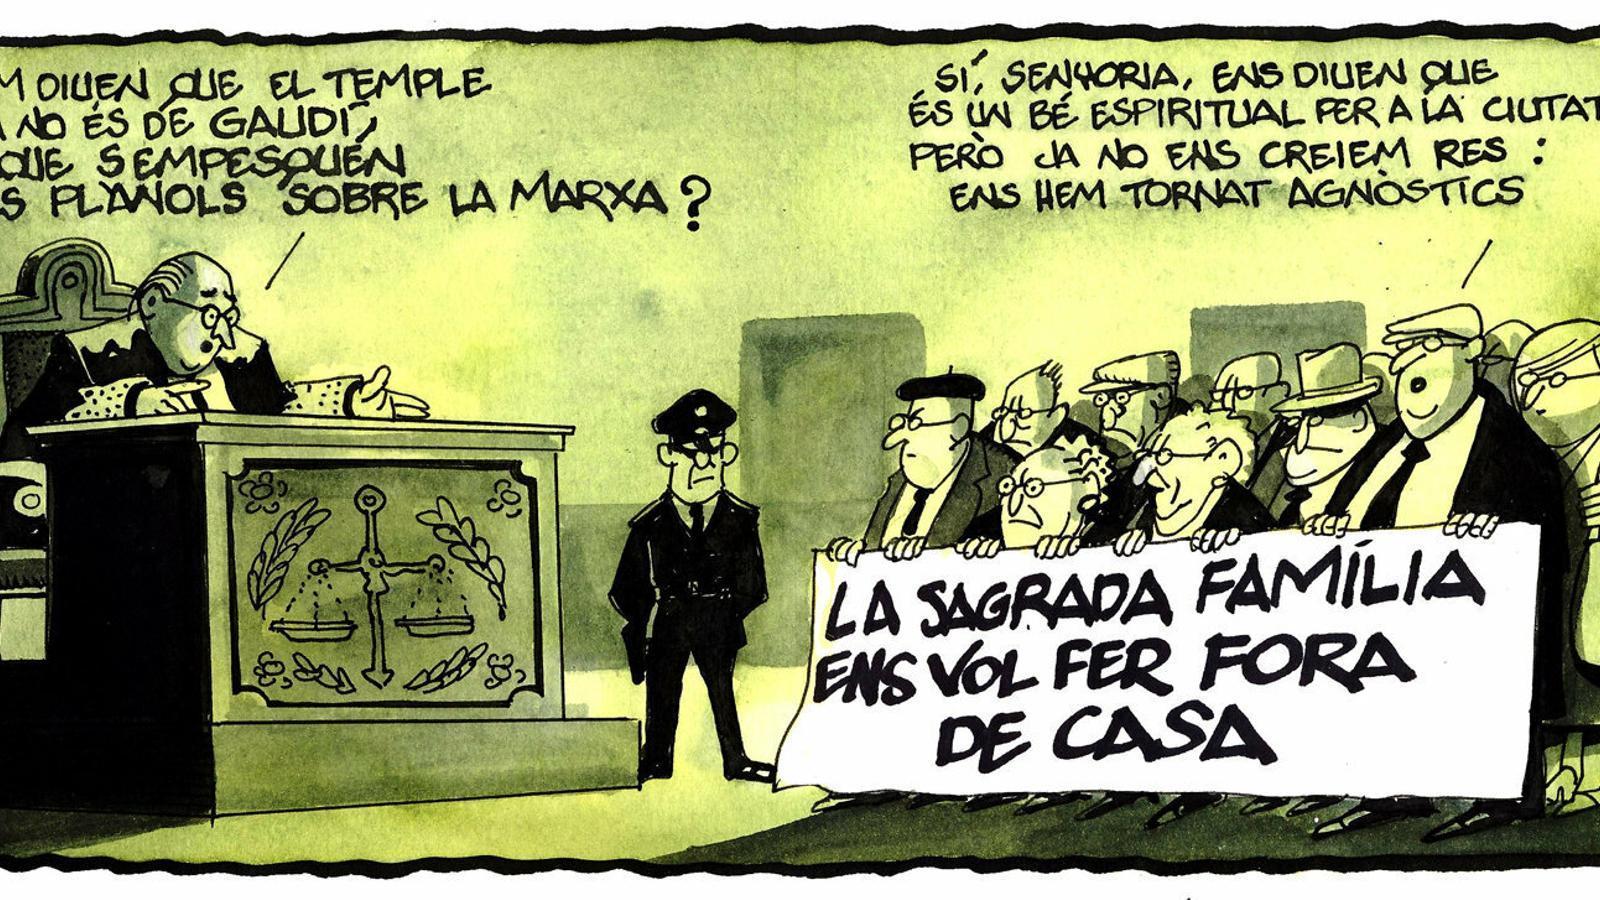 'A la contra', per Ferreres 25/11/2019